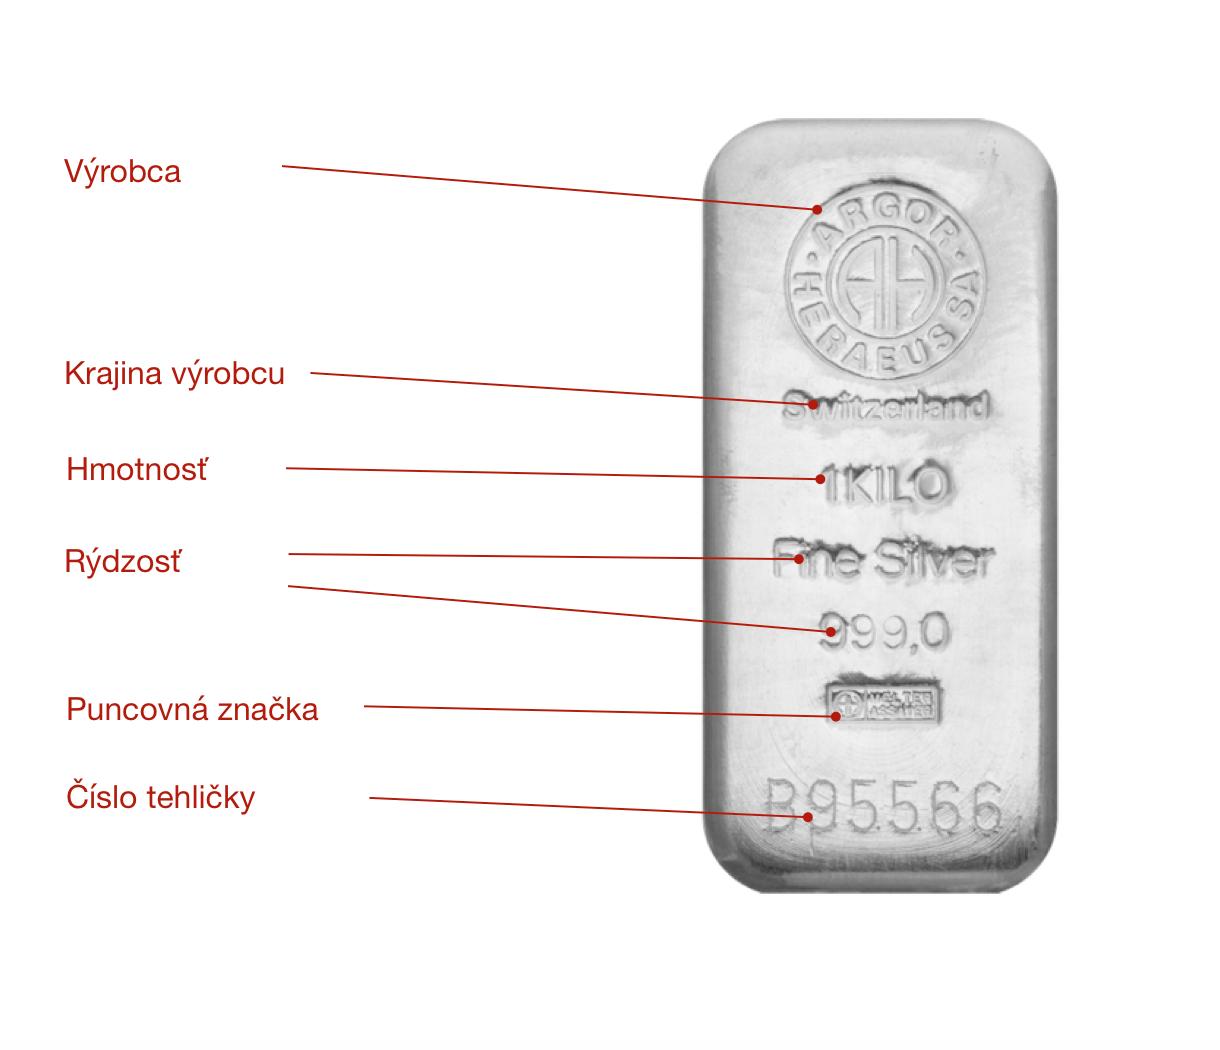 argor silver.png